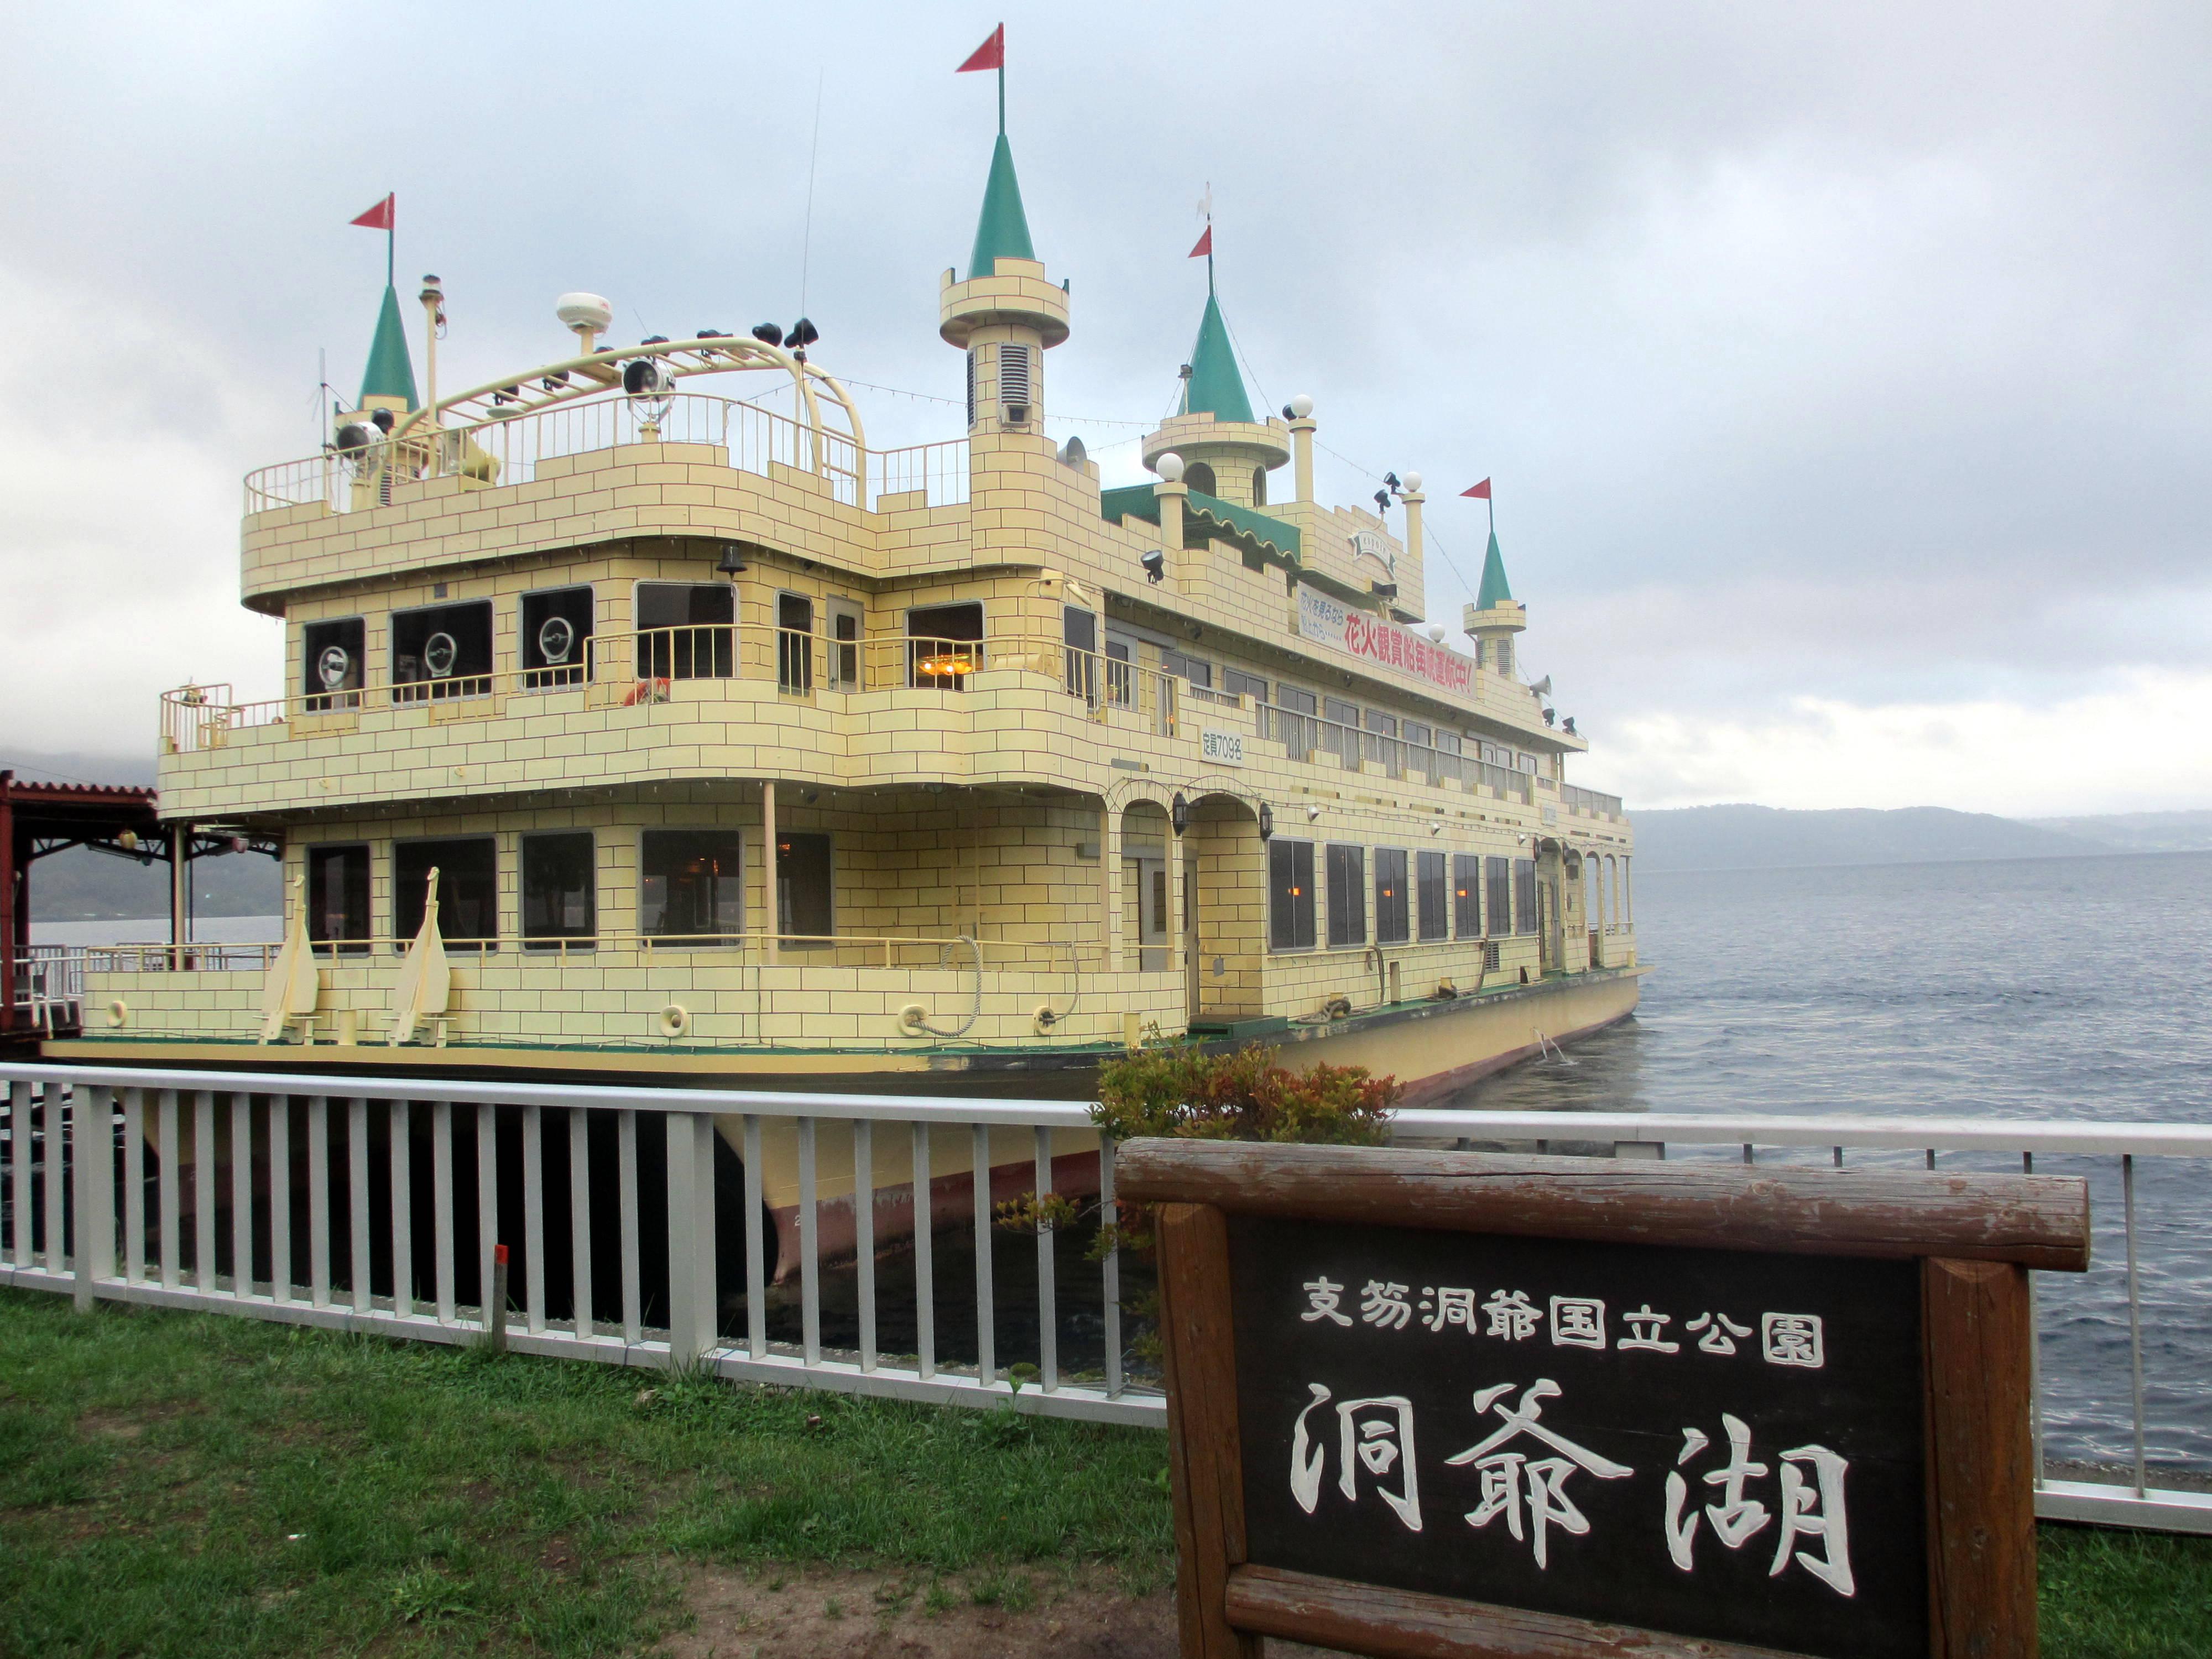 【職場・社員旅行 モデルコース】遊覧船に乗る 北海道3泊4日間の旅